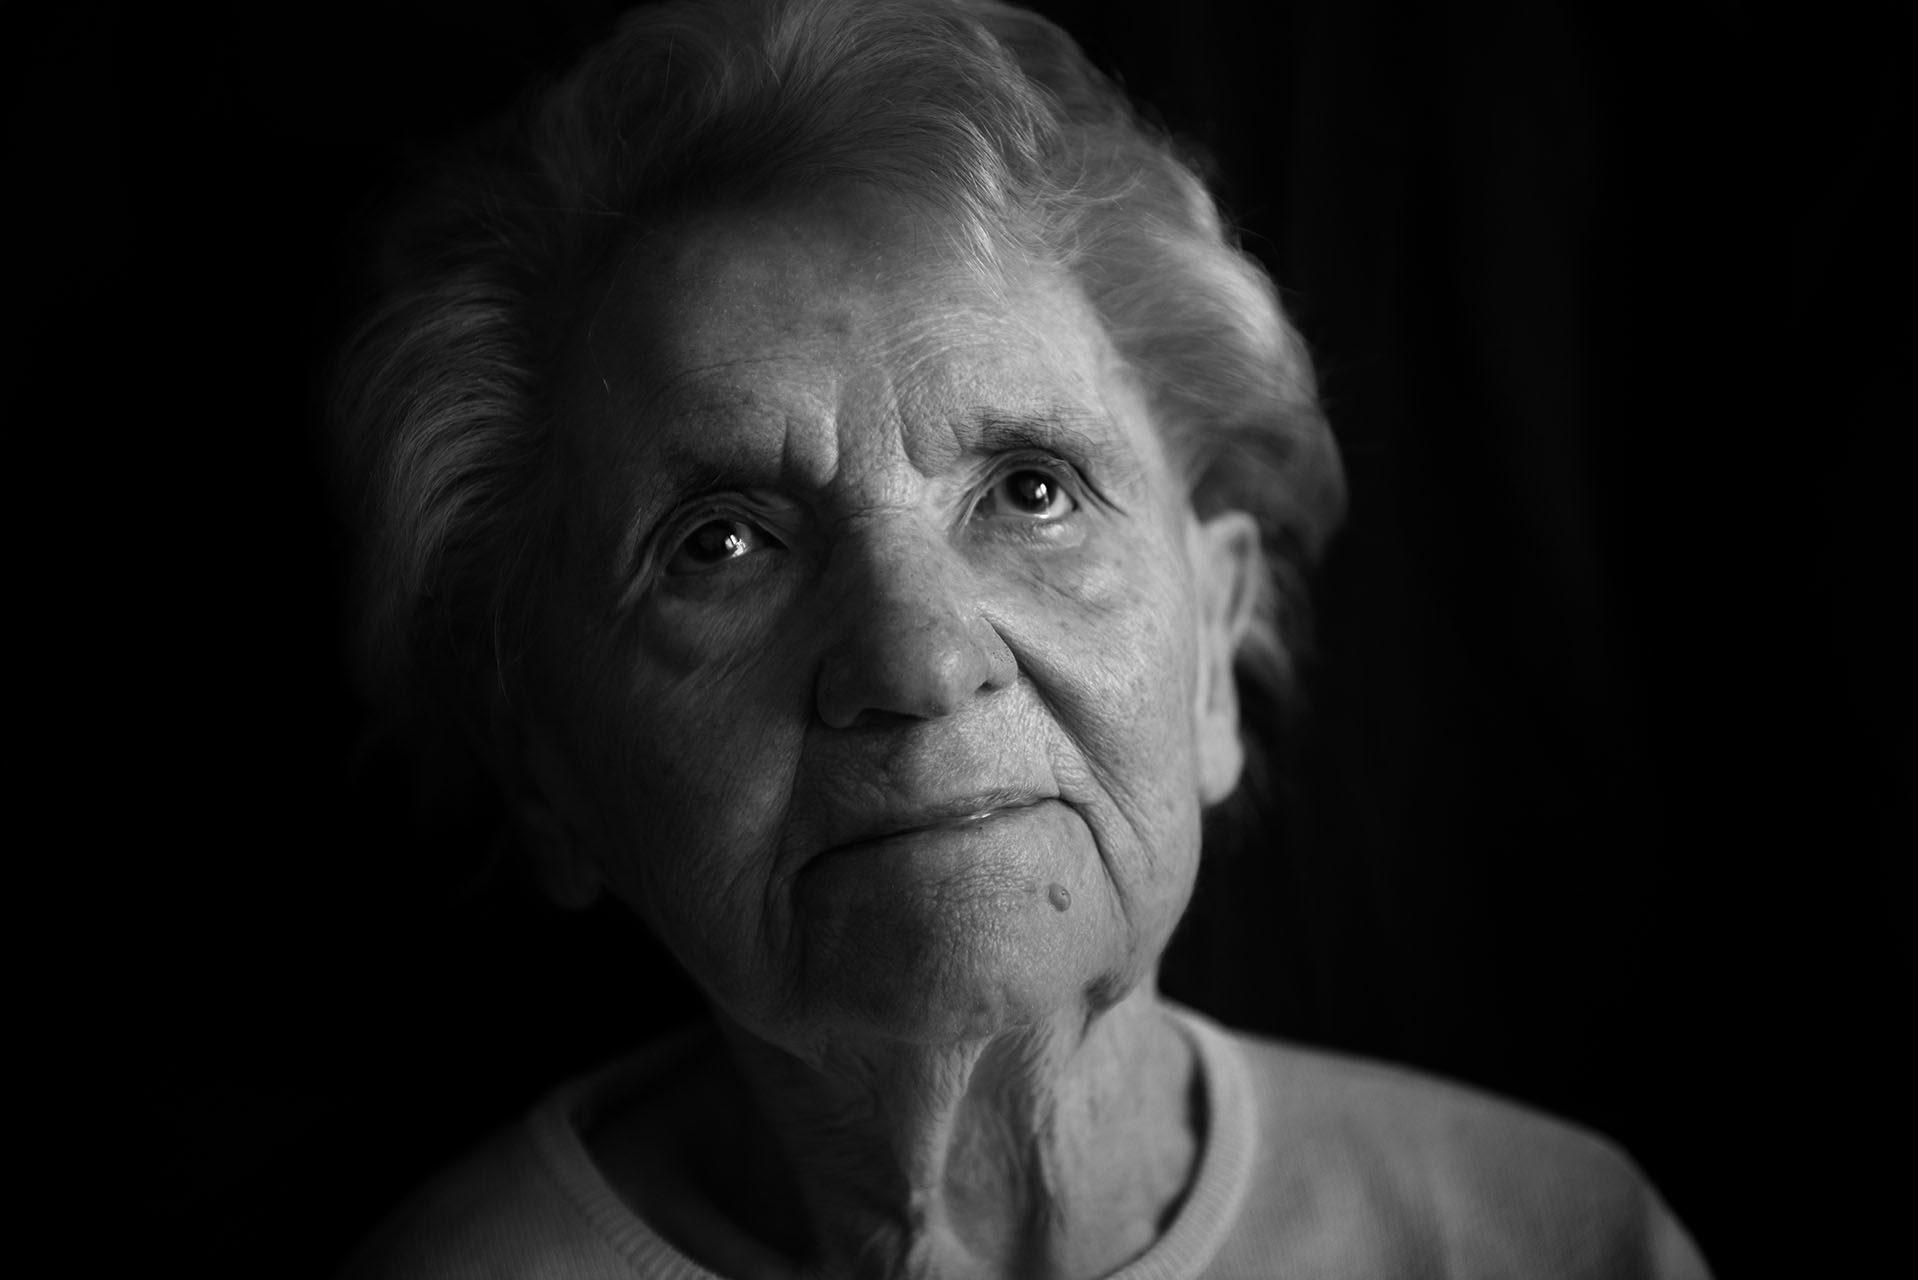 photographe-portraits-projet-des-centenaires-et-des-roses-residence-jean-23-ile-de-france-mairie-l-hay-les-roses